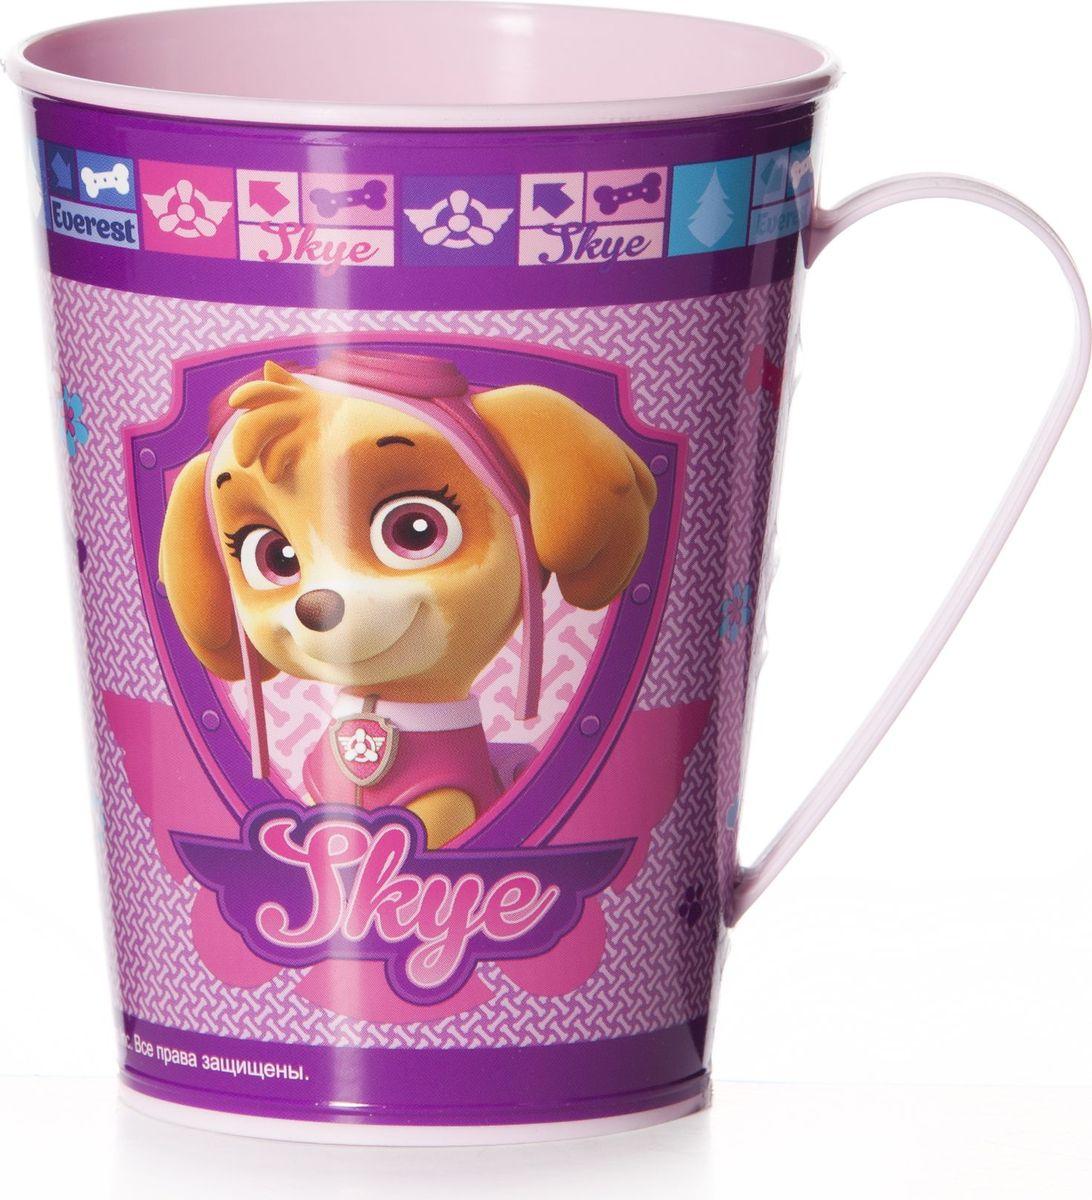 Кружка для девочек Альтернатива Щенячий патруль, цвет: розовый, 350 мл щенячий патруль часы